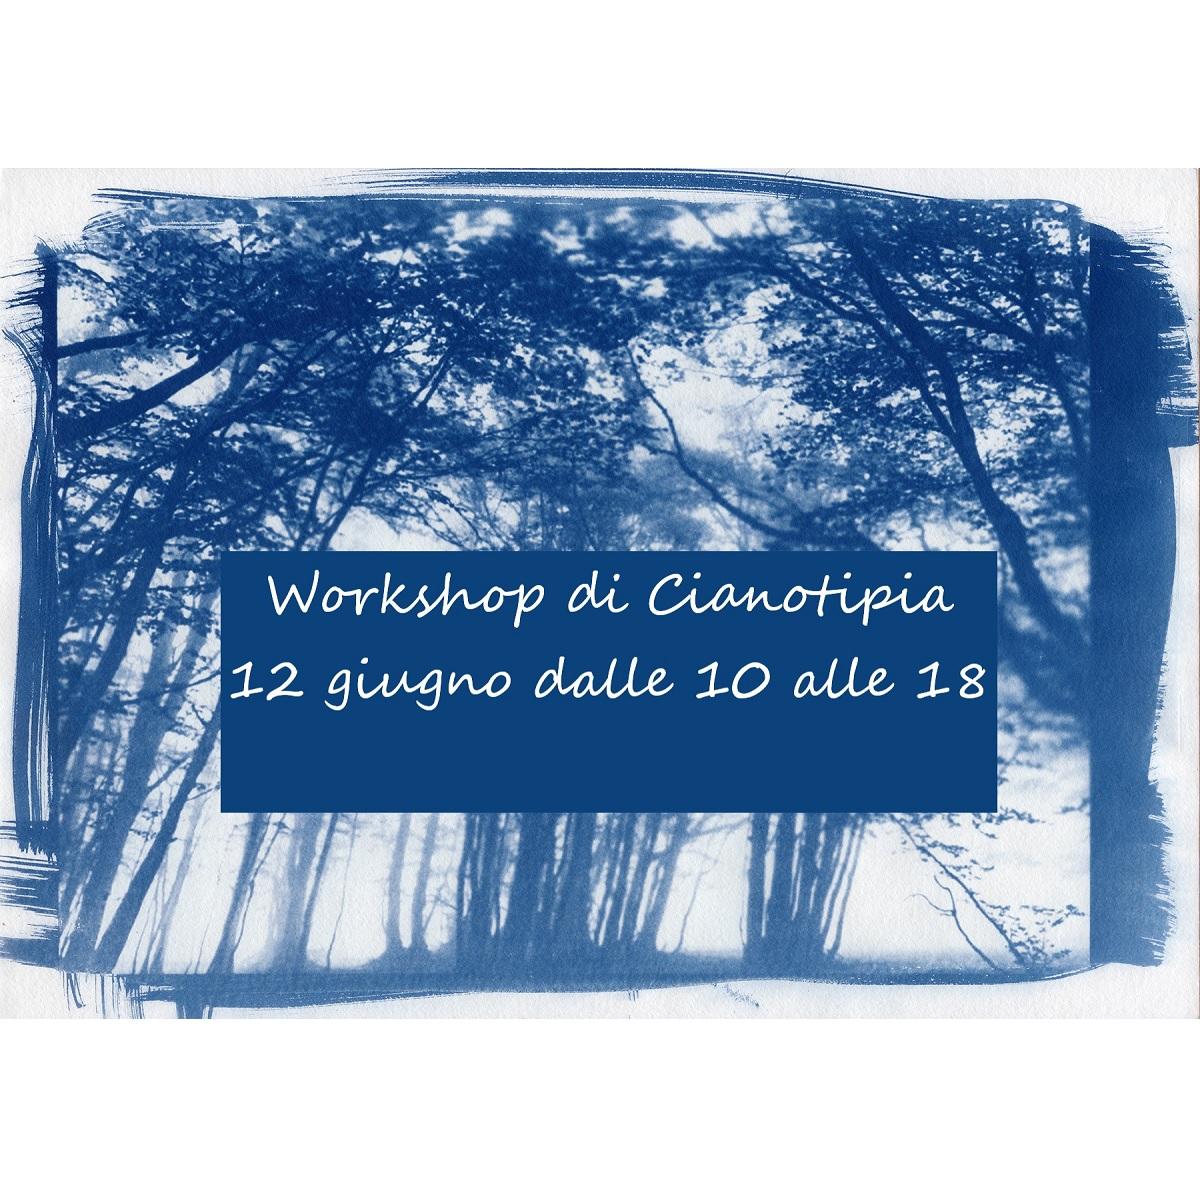 Workshop di Cianotipia sabato 12 giugno 2021 a Pescara foto